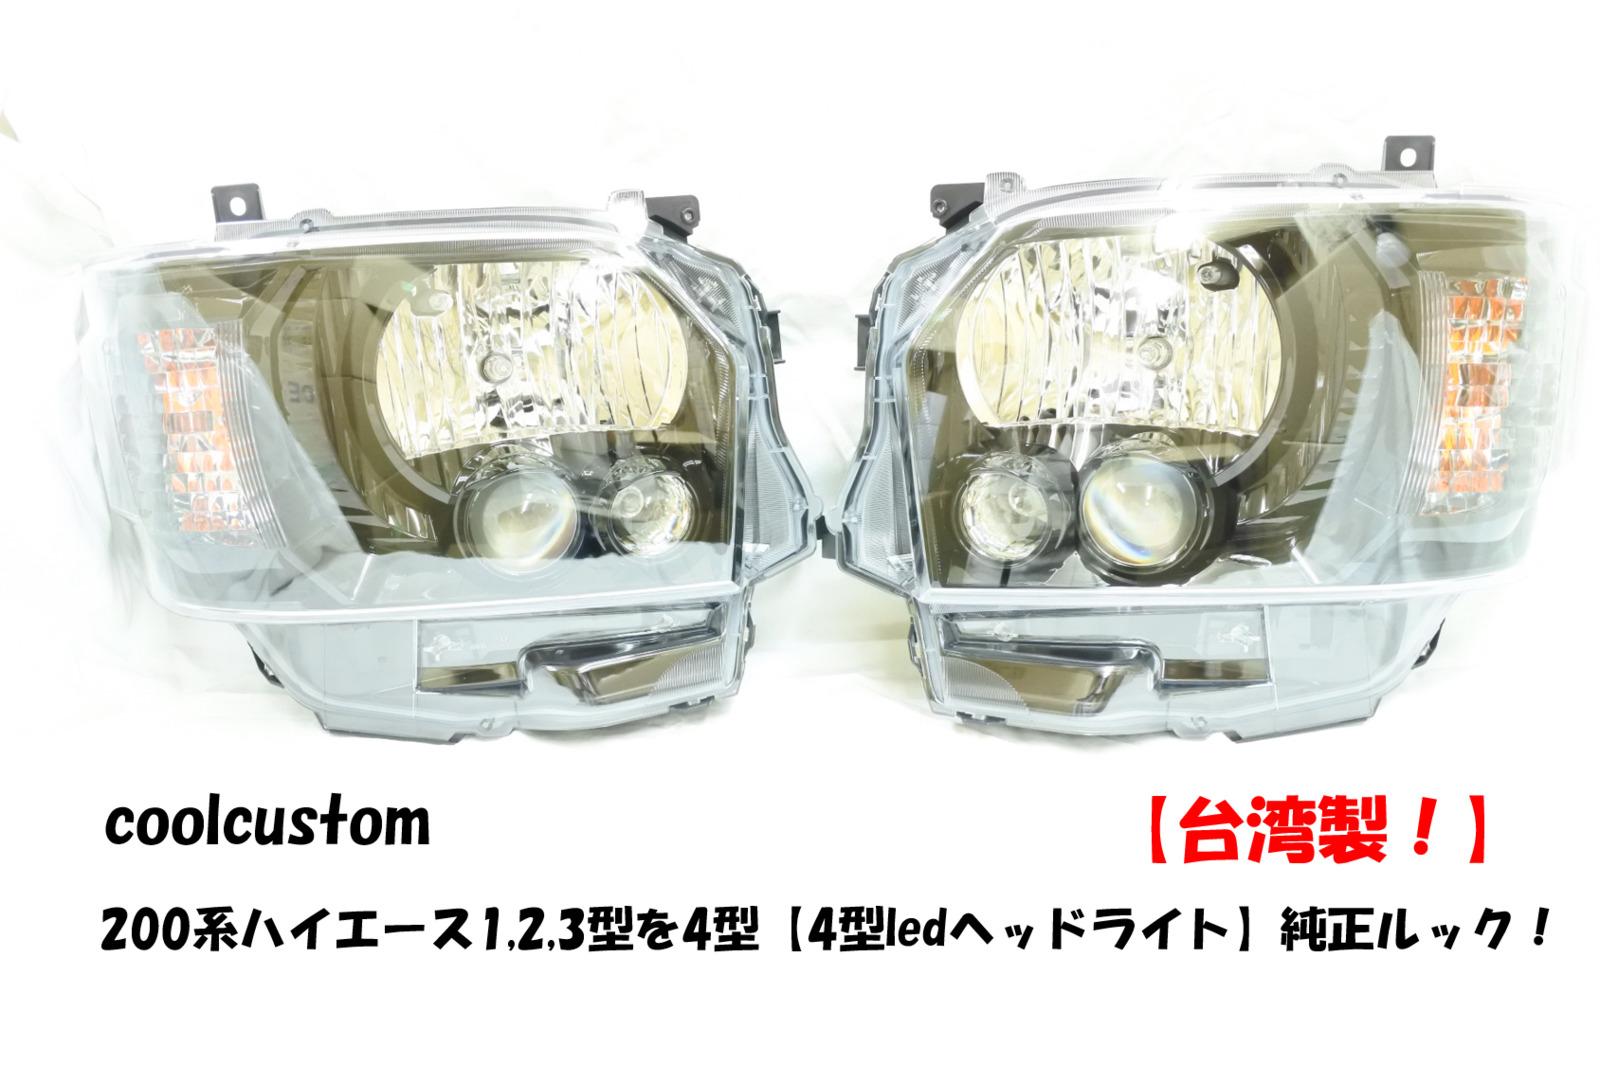 4型顔面チェンジ200系ハイエース1,2,3型を4型4型LEDヘッドライト純正ルックブラック(艶)枠塗装タイプ【アウトレット】 200系ハイエース1,2,3型を4型【4型ledヘッドライト】純正ルック   メーカー名 SoulMates商品番号 GTH-005LOビーム:H1ハロゲン + T10HIビーム:HB3ハロゲン     スモールランプ:T10ウィンカー:WY21Wブラック(艶)枠塗装タイプ